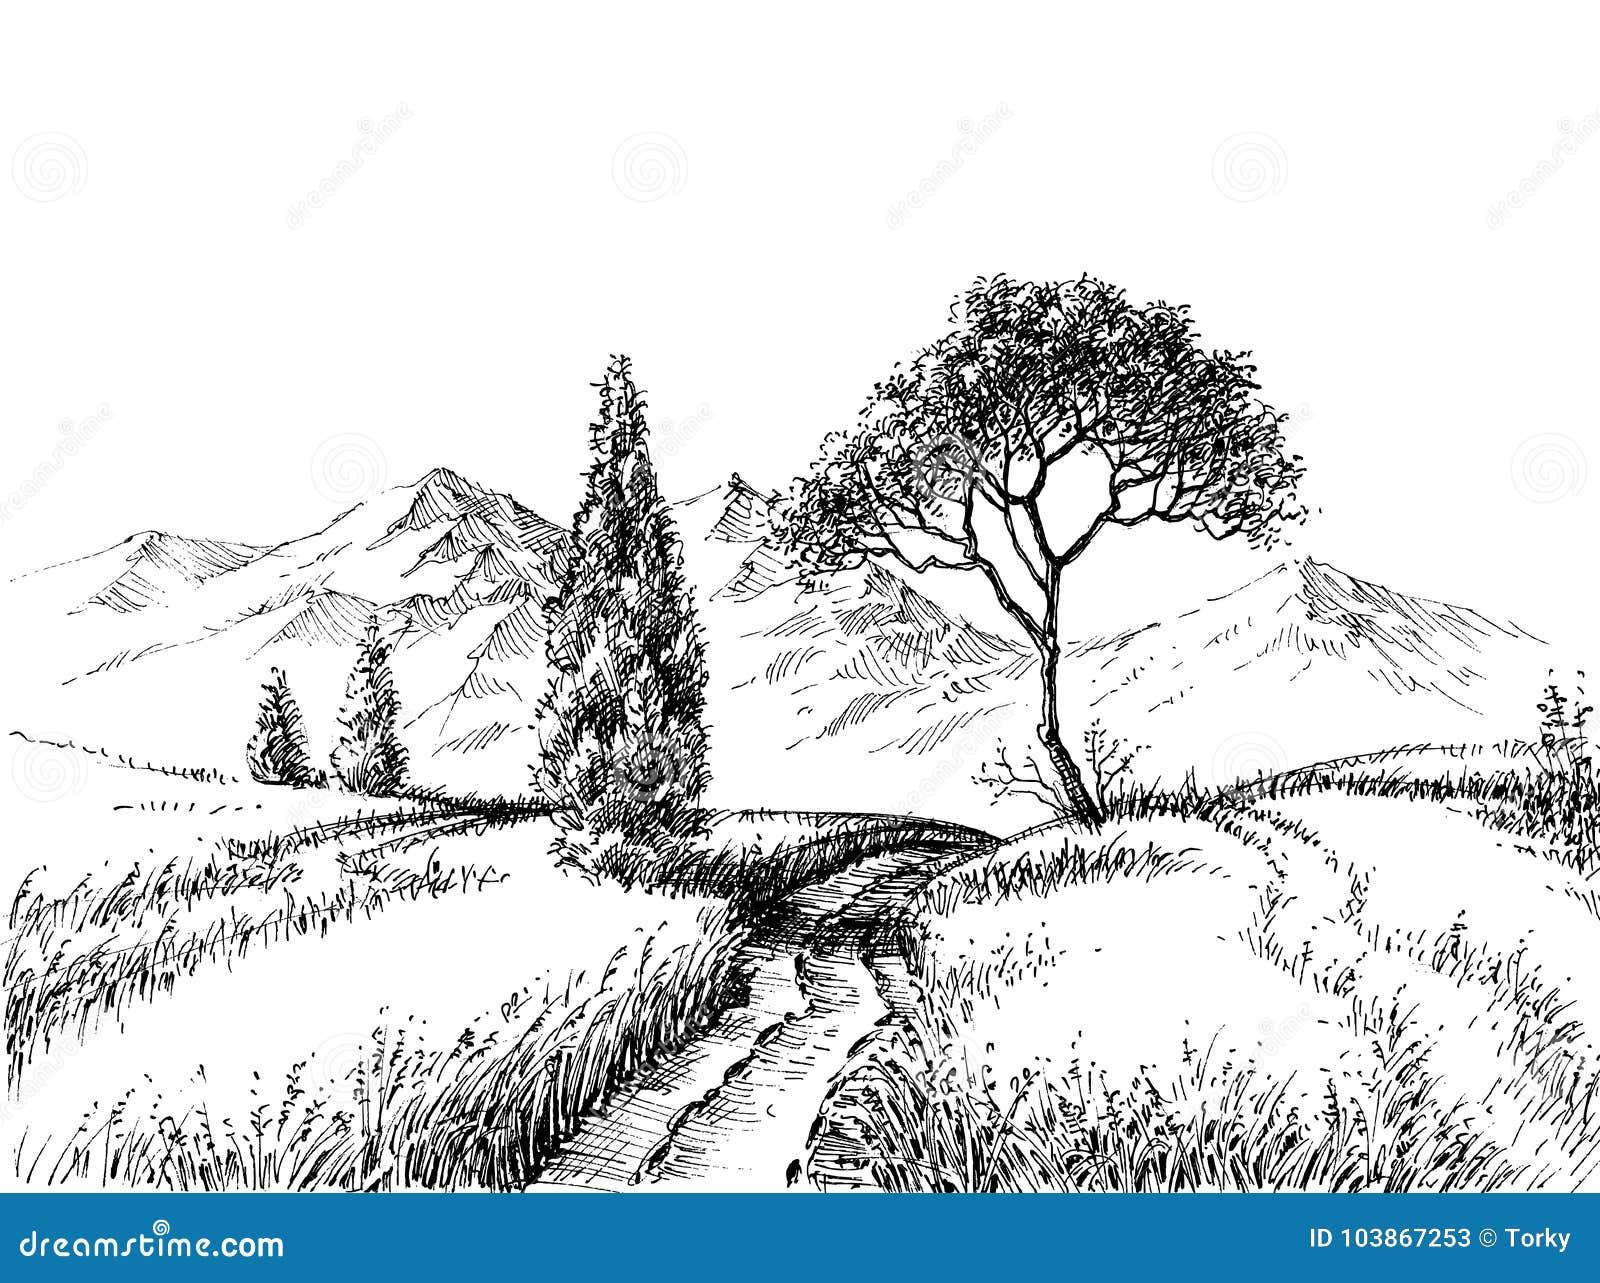 Disegno A Matita Del Paesaggio Del Campo Illustrazione Vettoriale